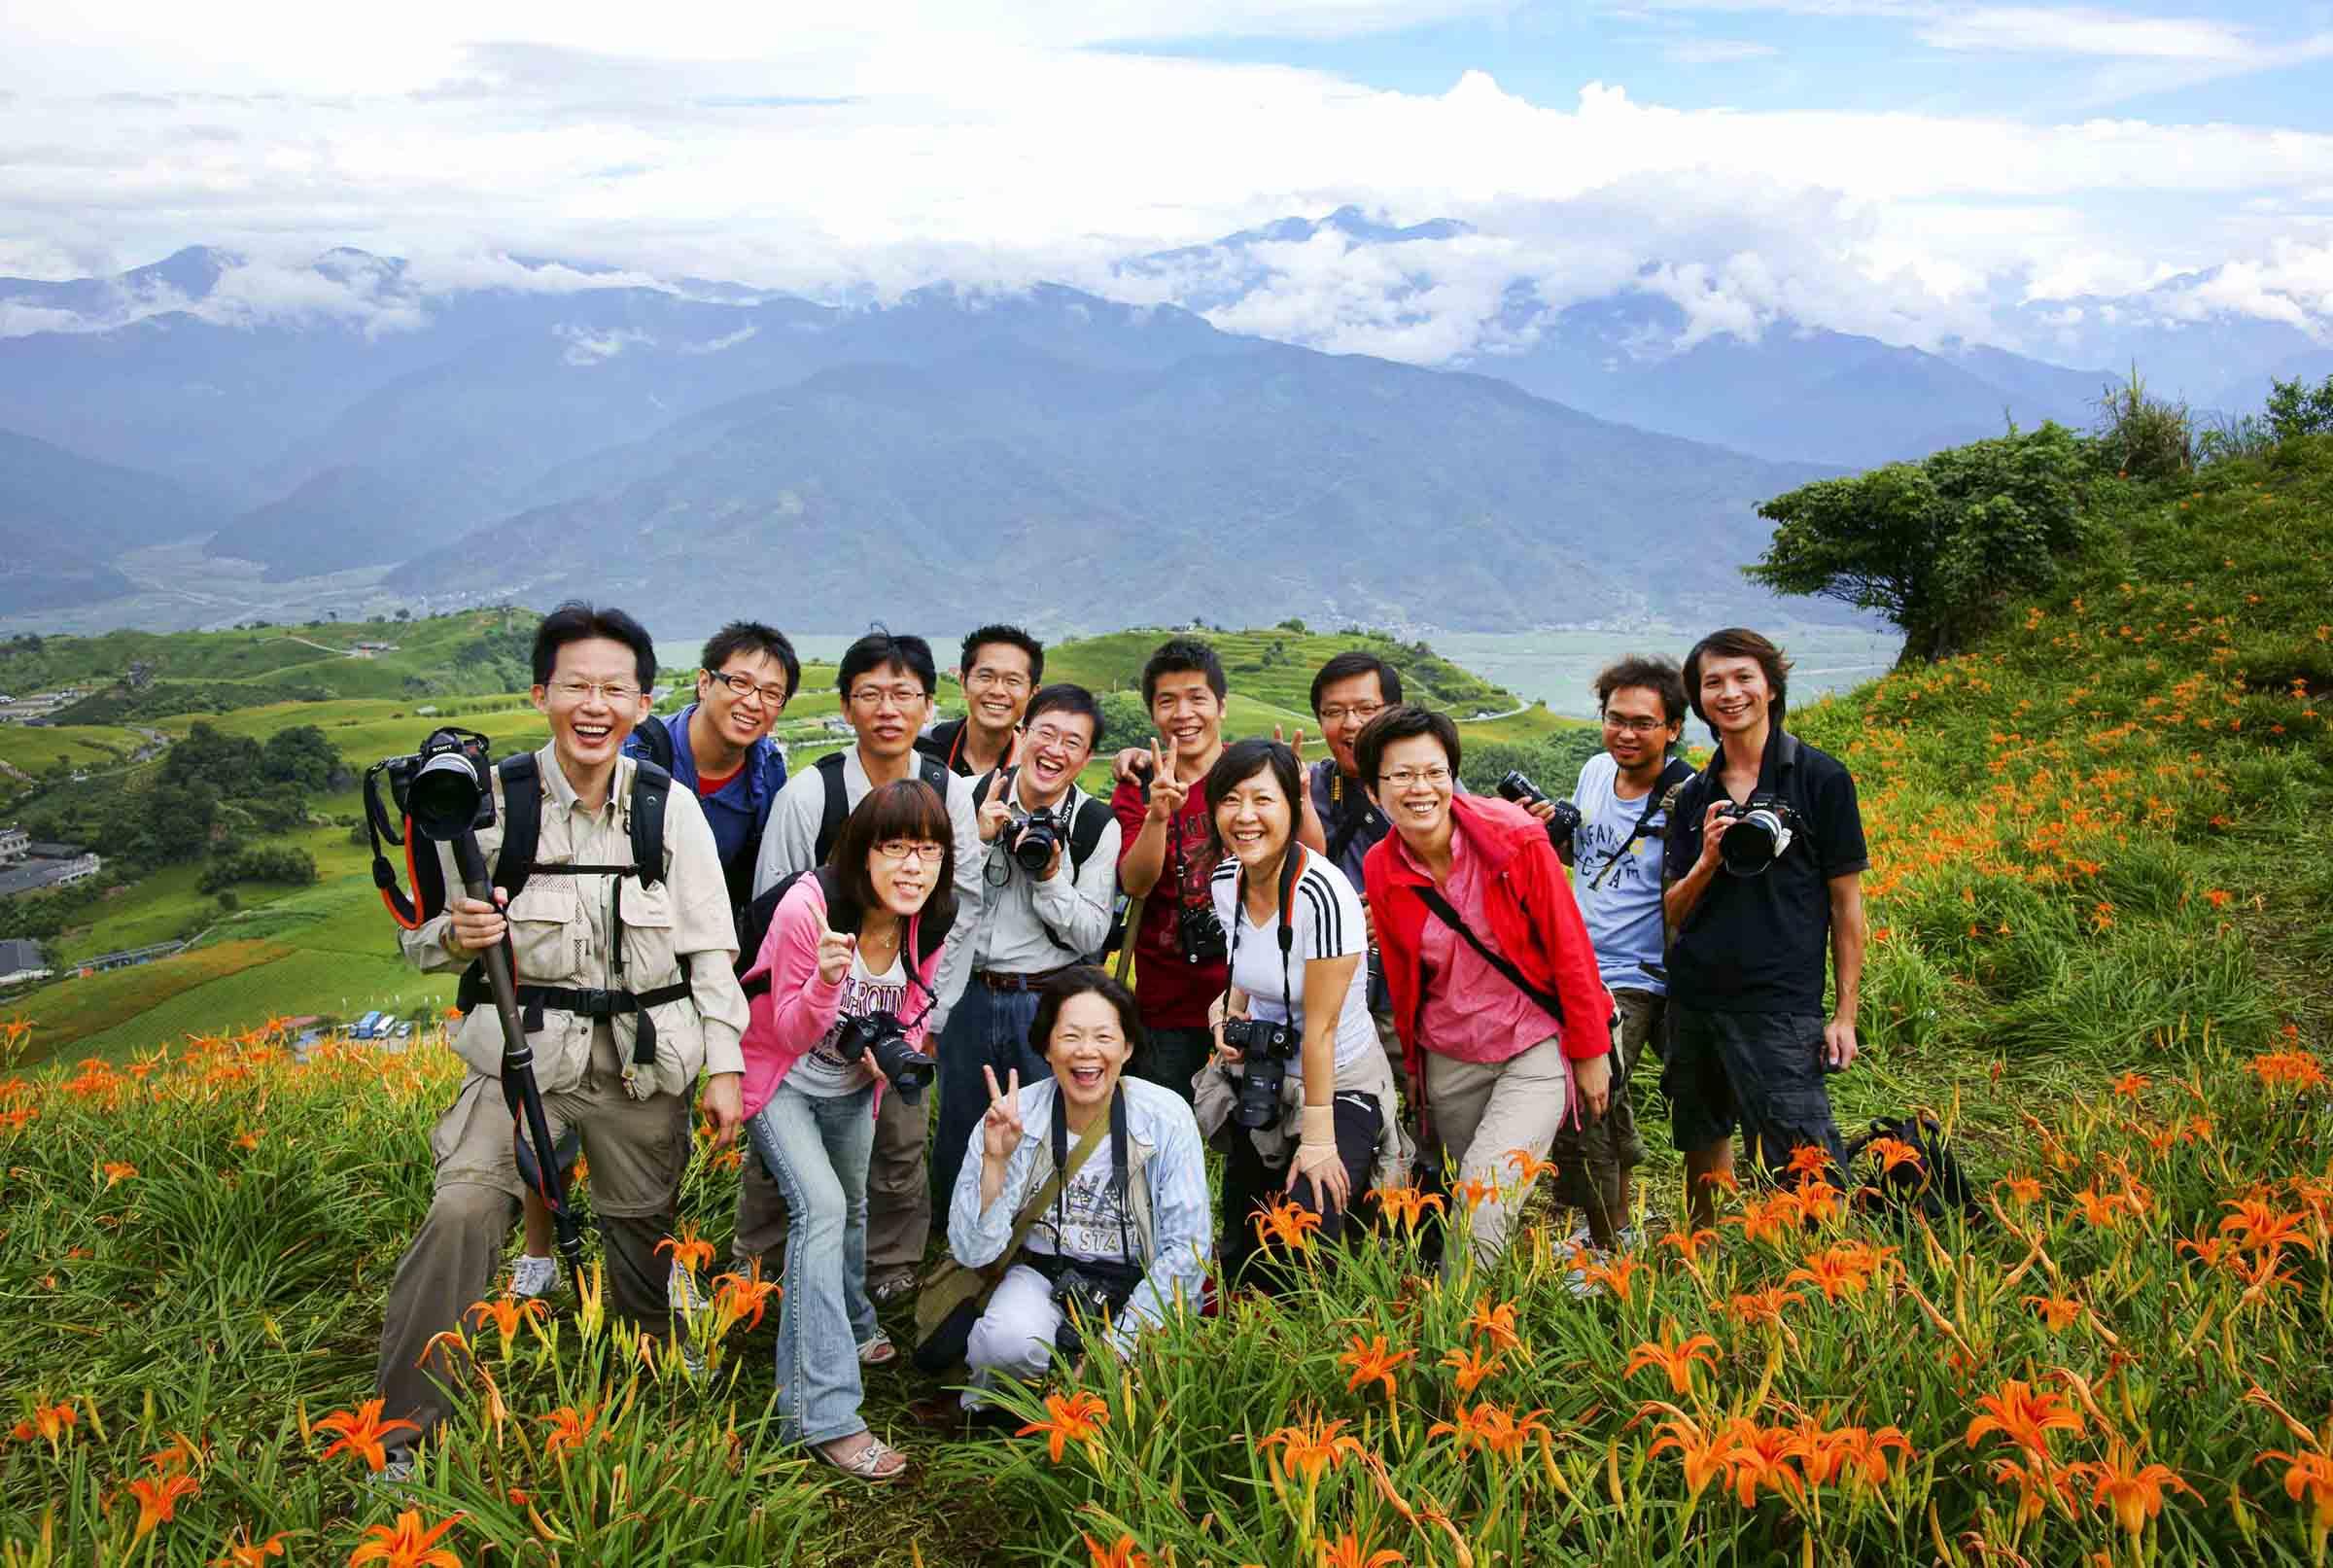 2010-8-22-紀老師攝影班花蓮六十石山團體合照-2.jpg